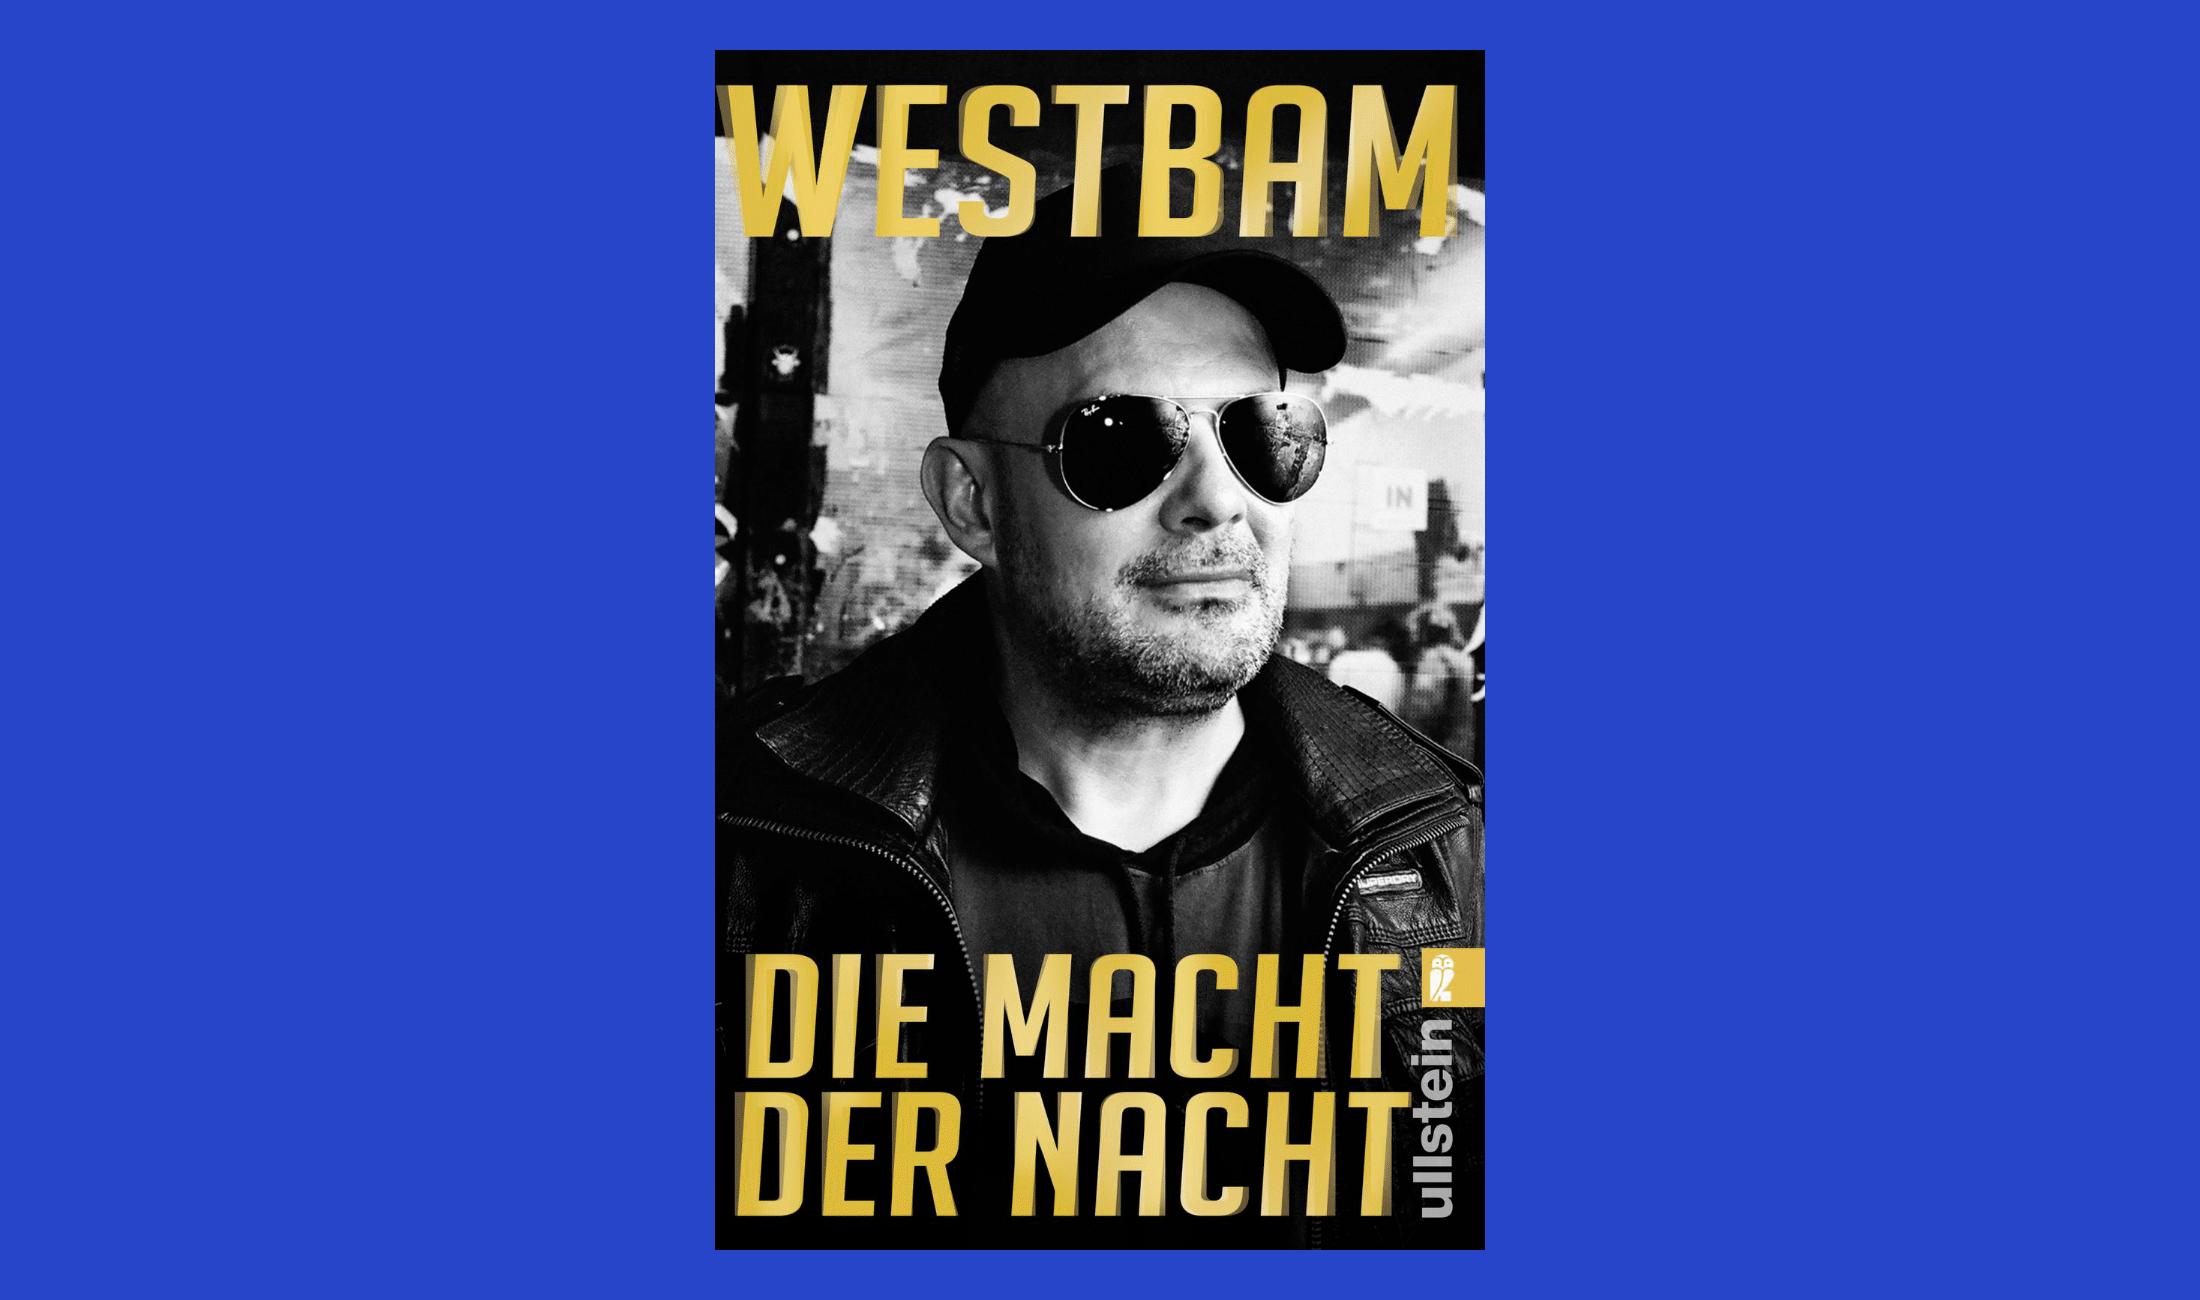 Techno Autobiographie: Die Macht der Nacht von Westbam.